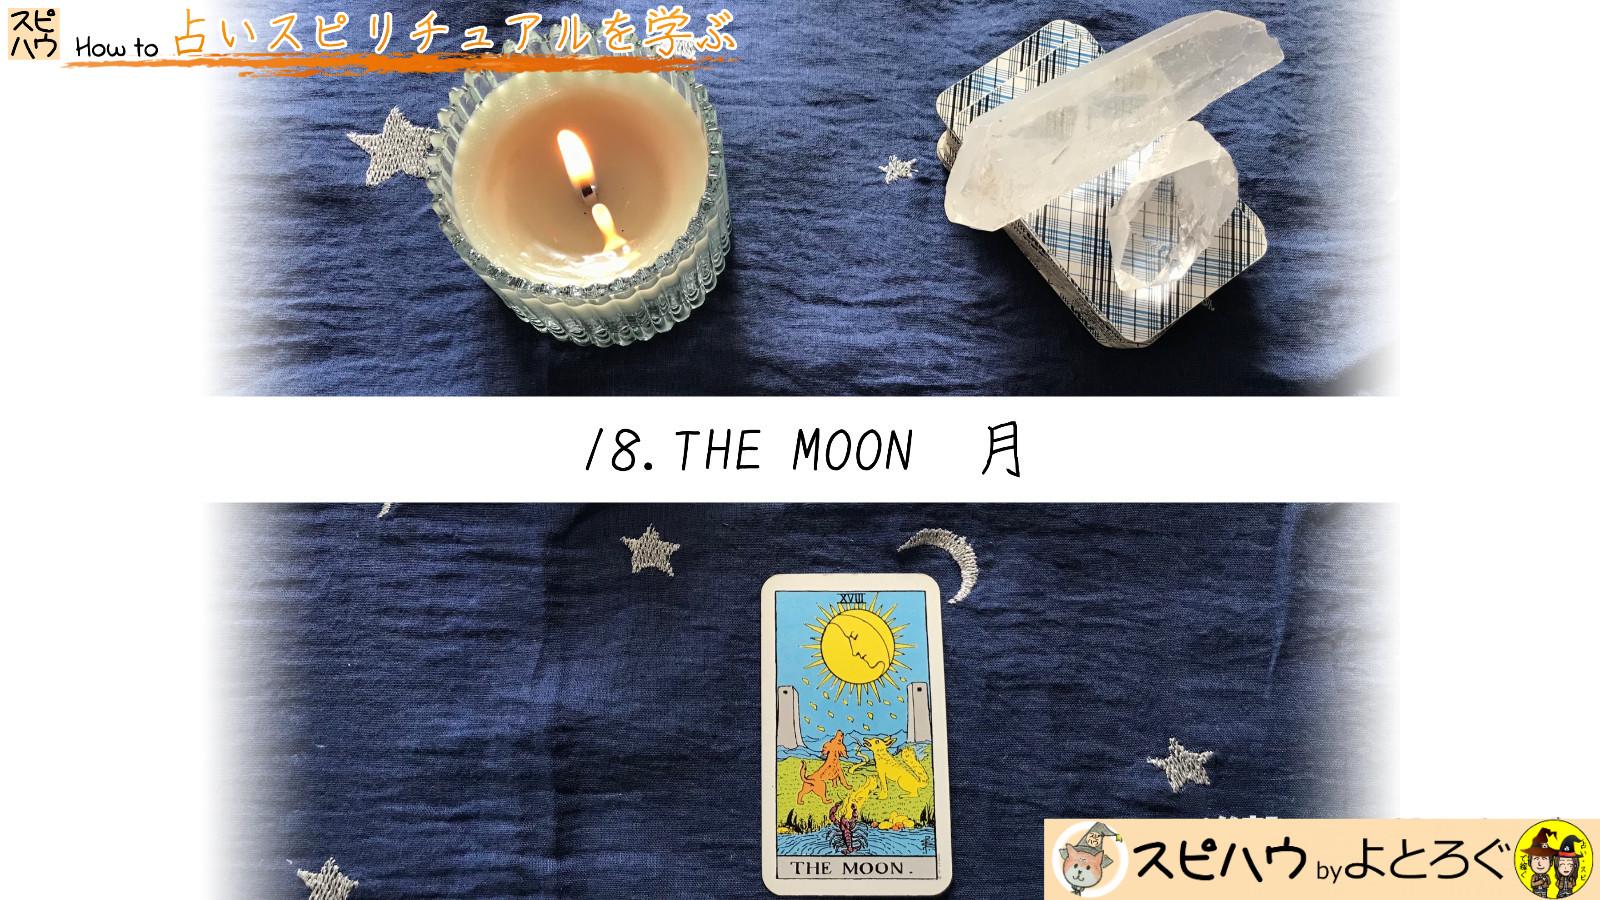 イマジネーションを大切に。 18.月 THE MOONのカード画像